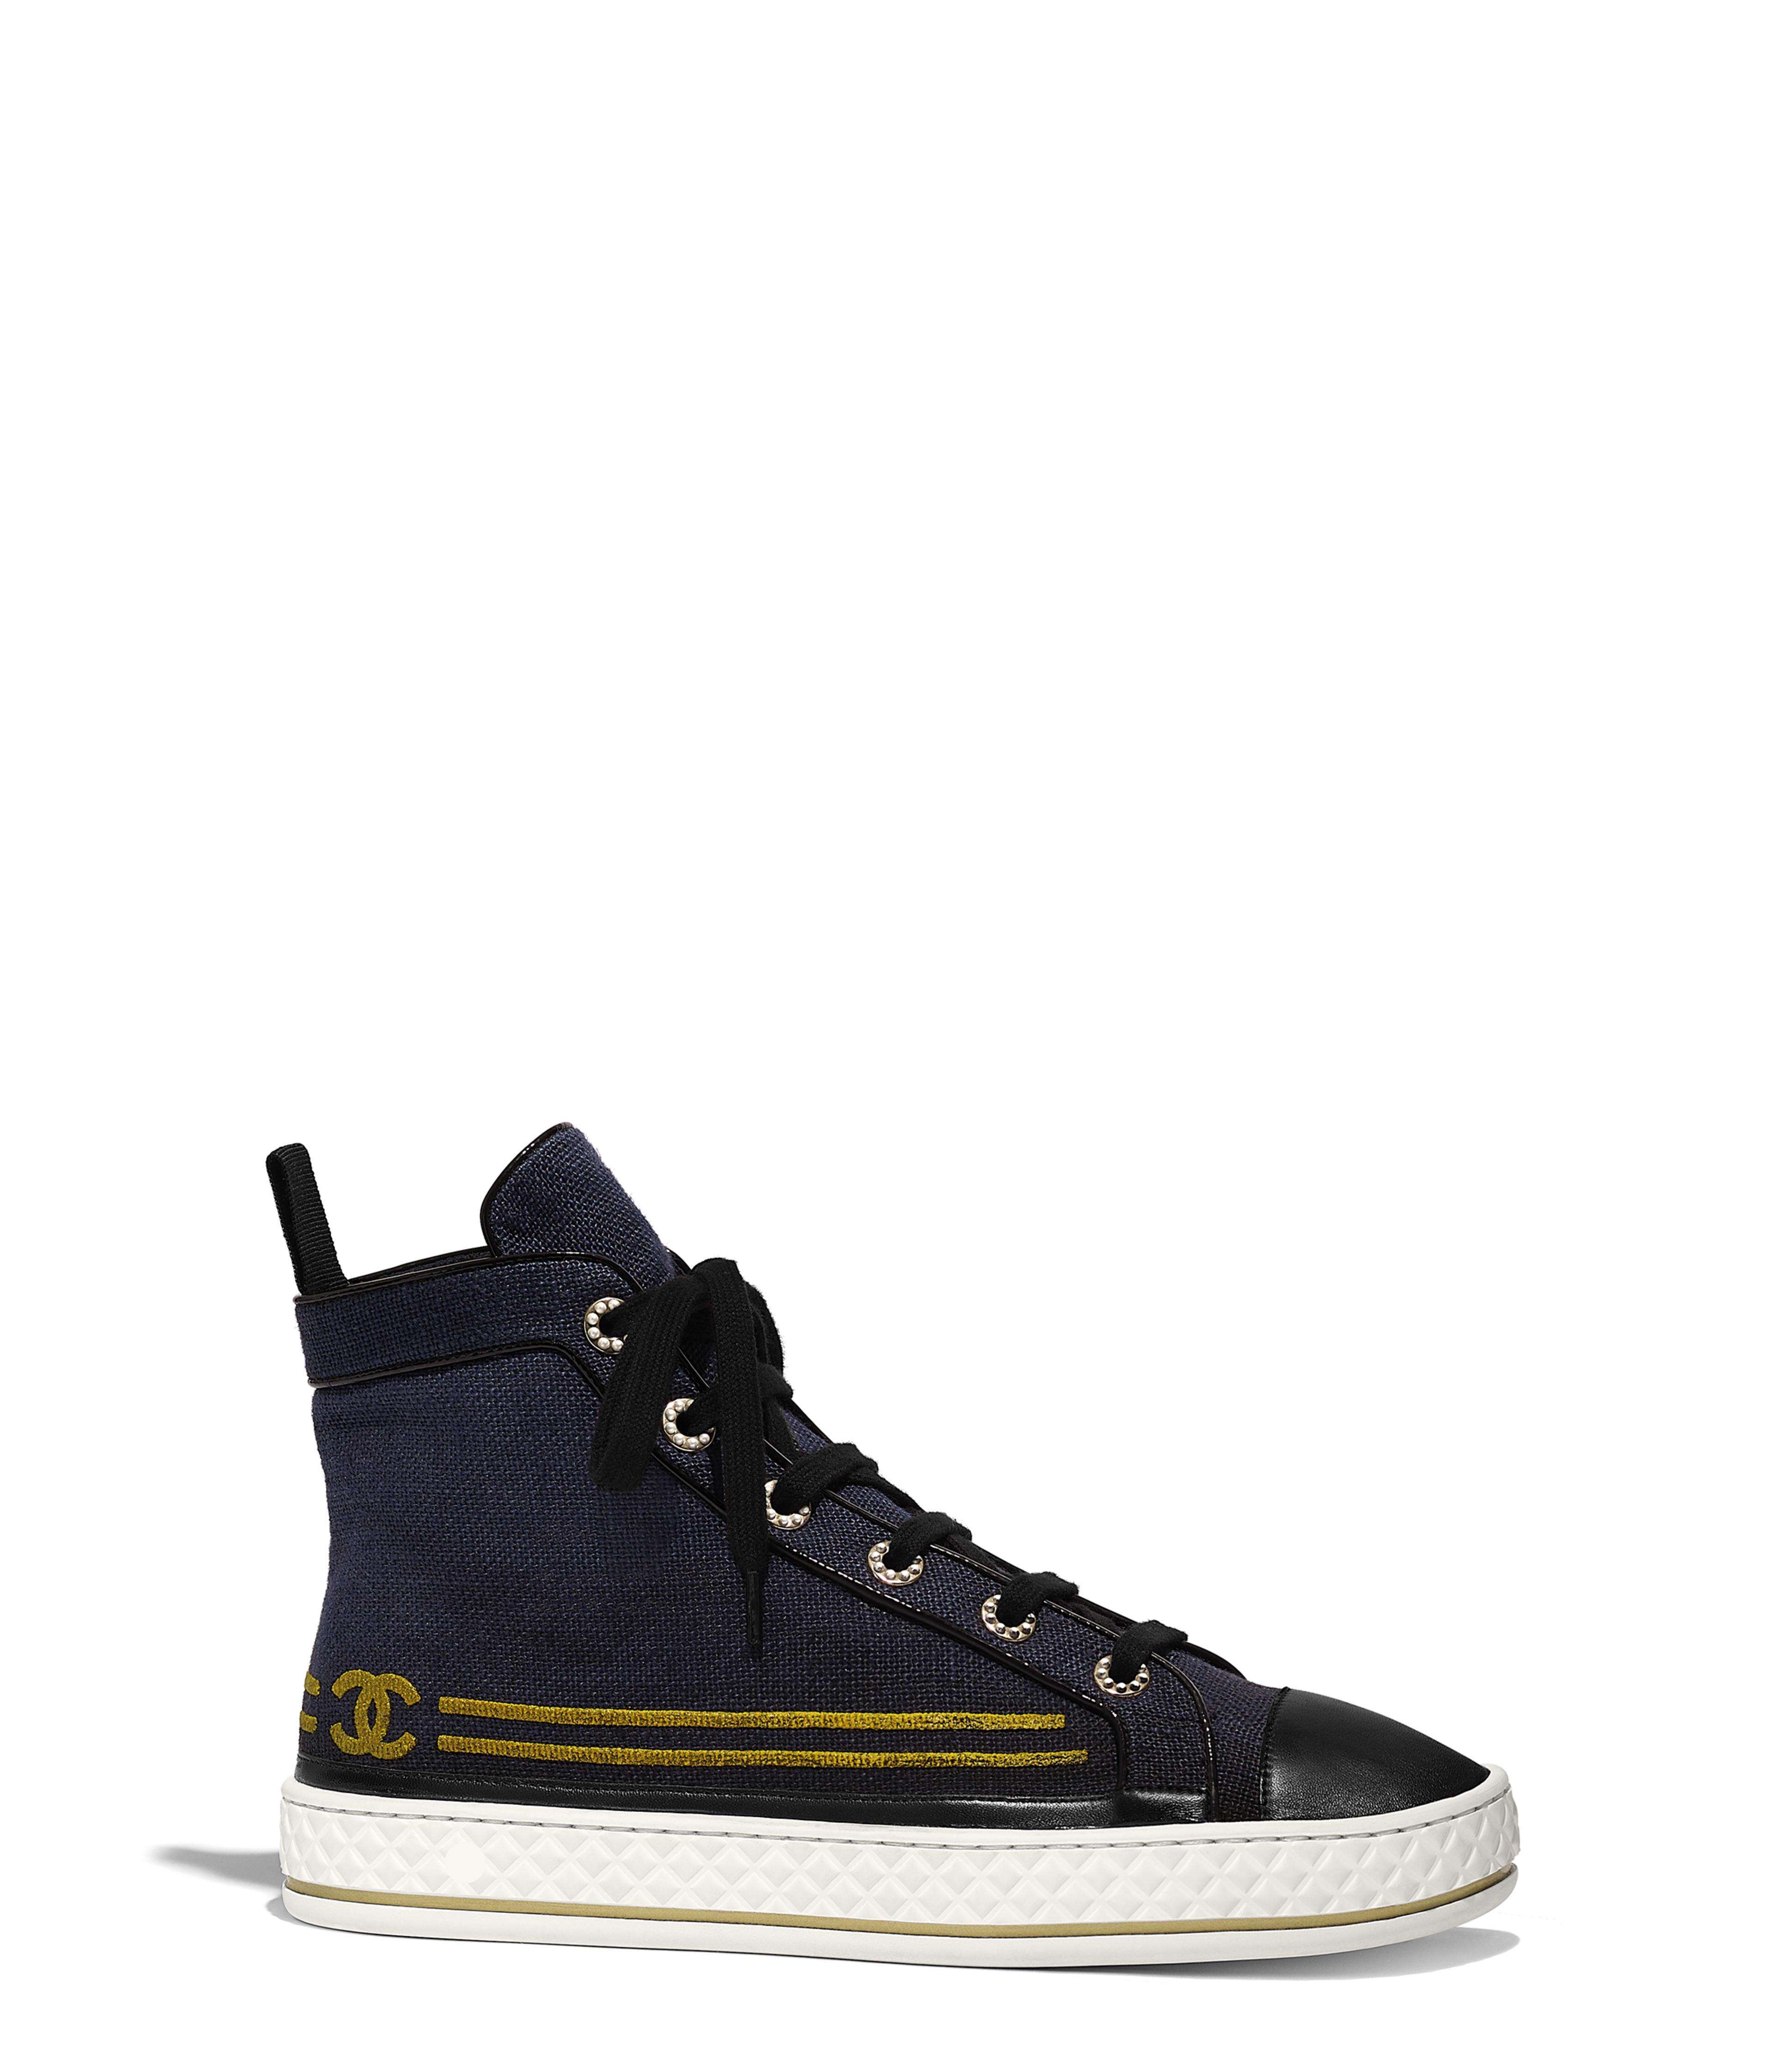 c7717f367778df Sneakers Fabric   Lambskin